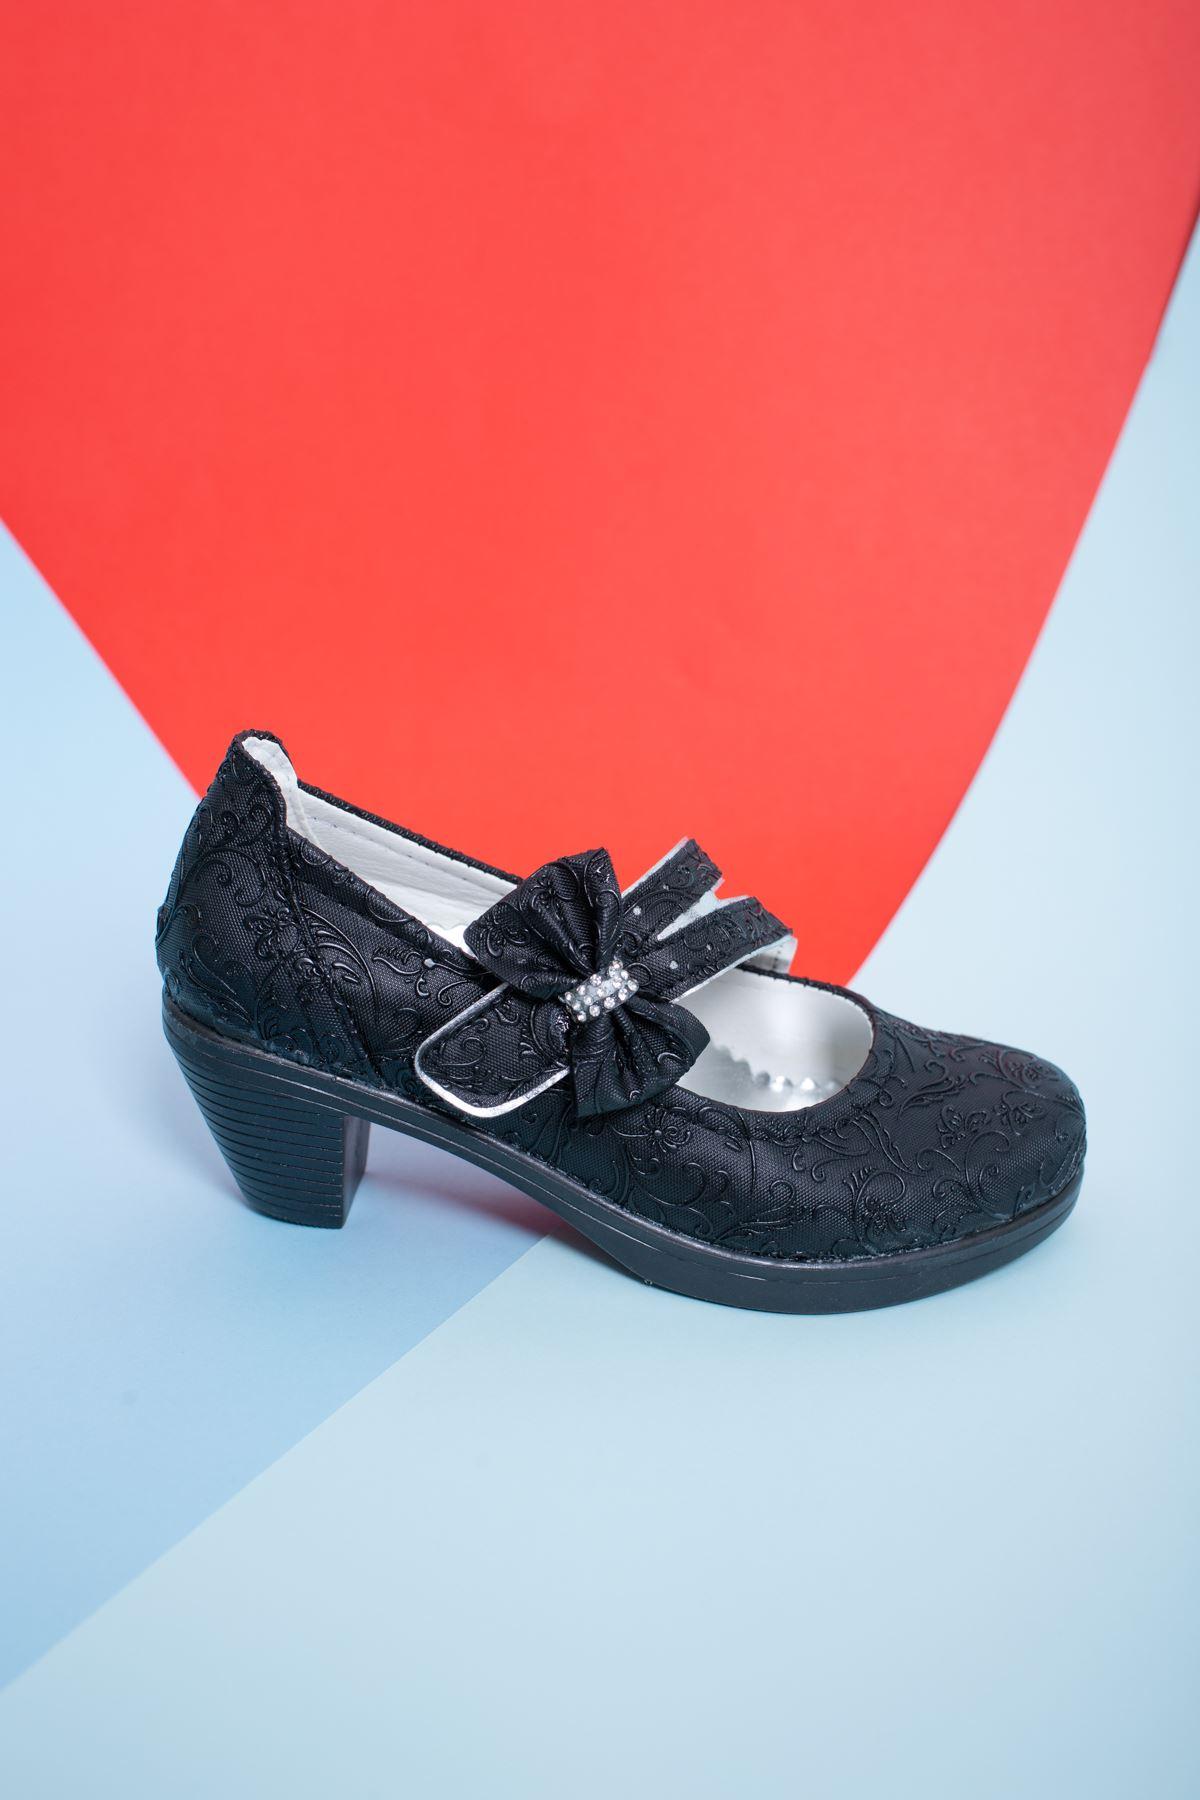 Topuklu Siyah Sarmaşık Kız Çocuk Ayakkabı